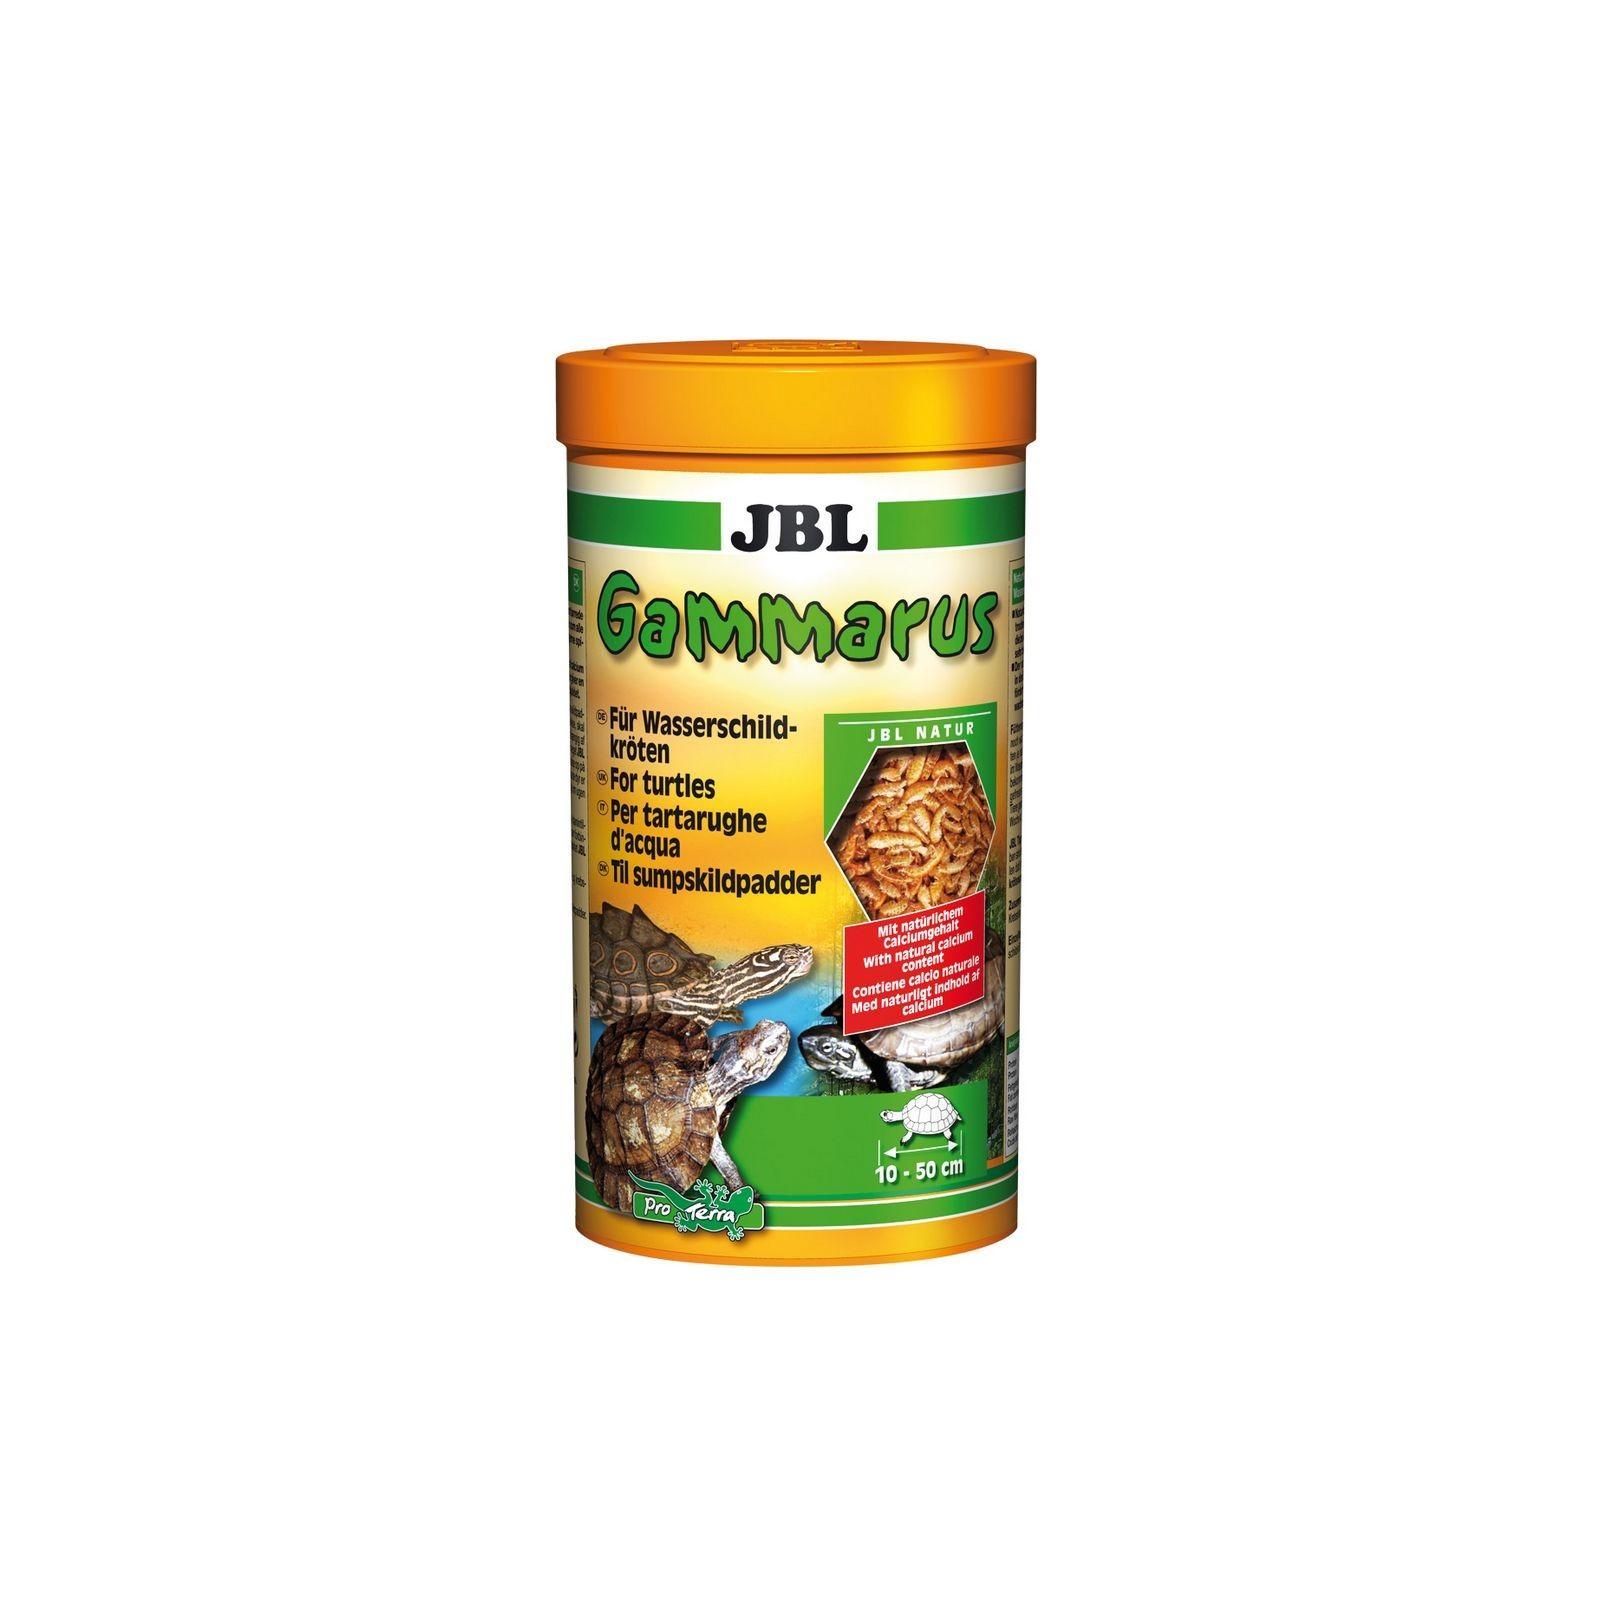 JBL Gammarus 1 lt mangime per tartarughe d'acqua